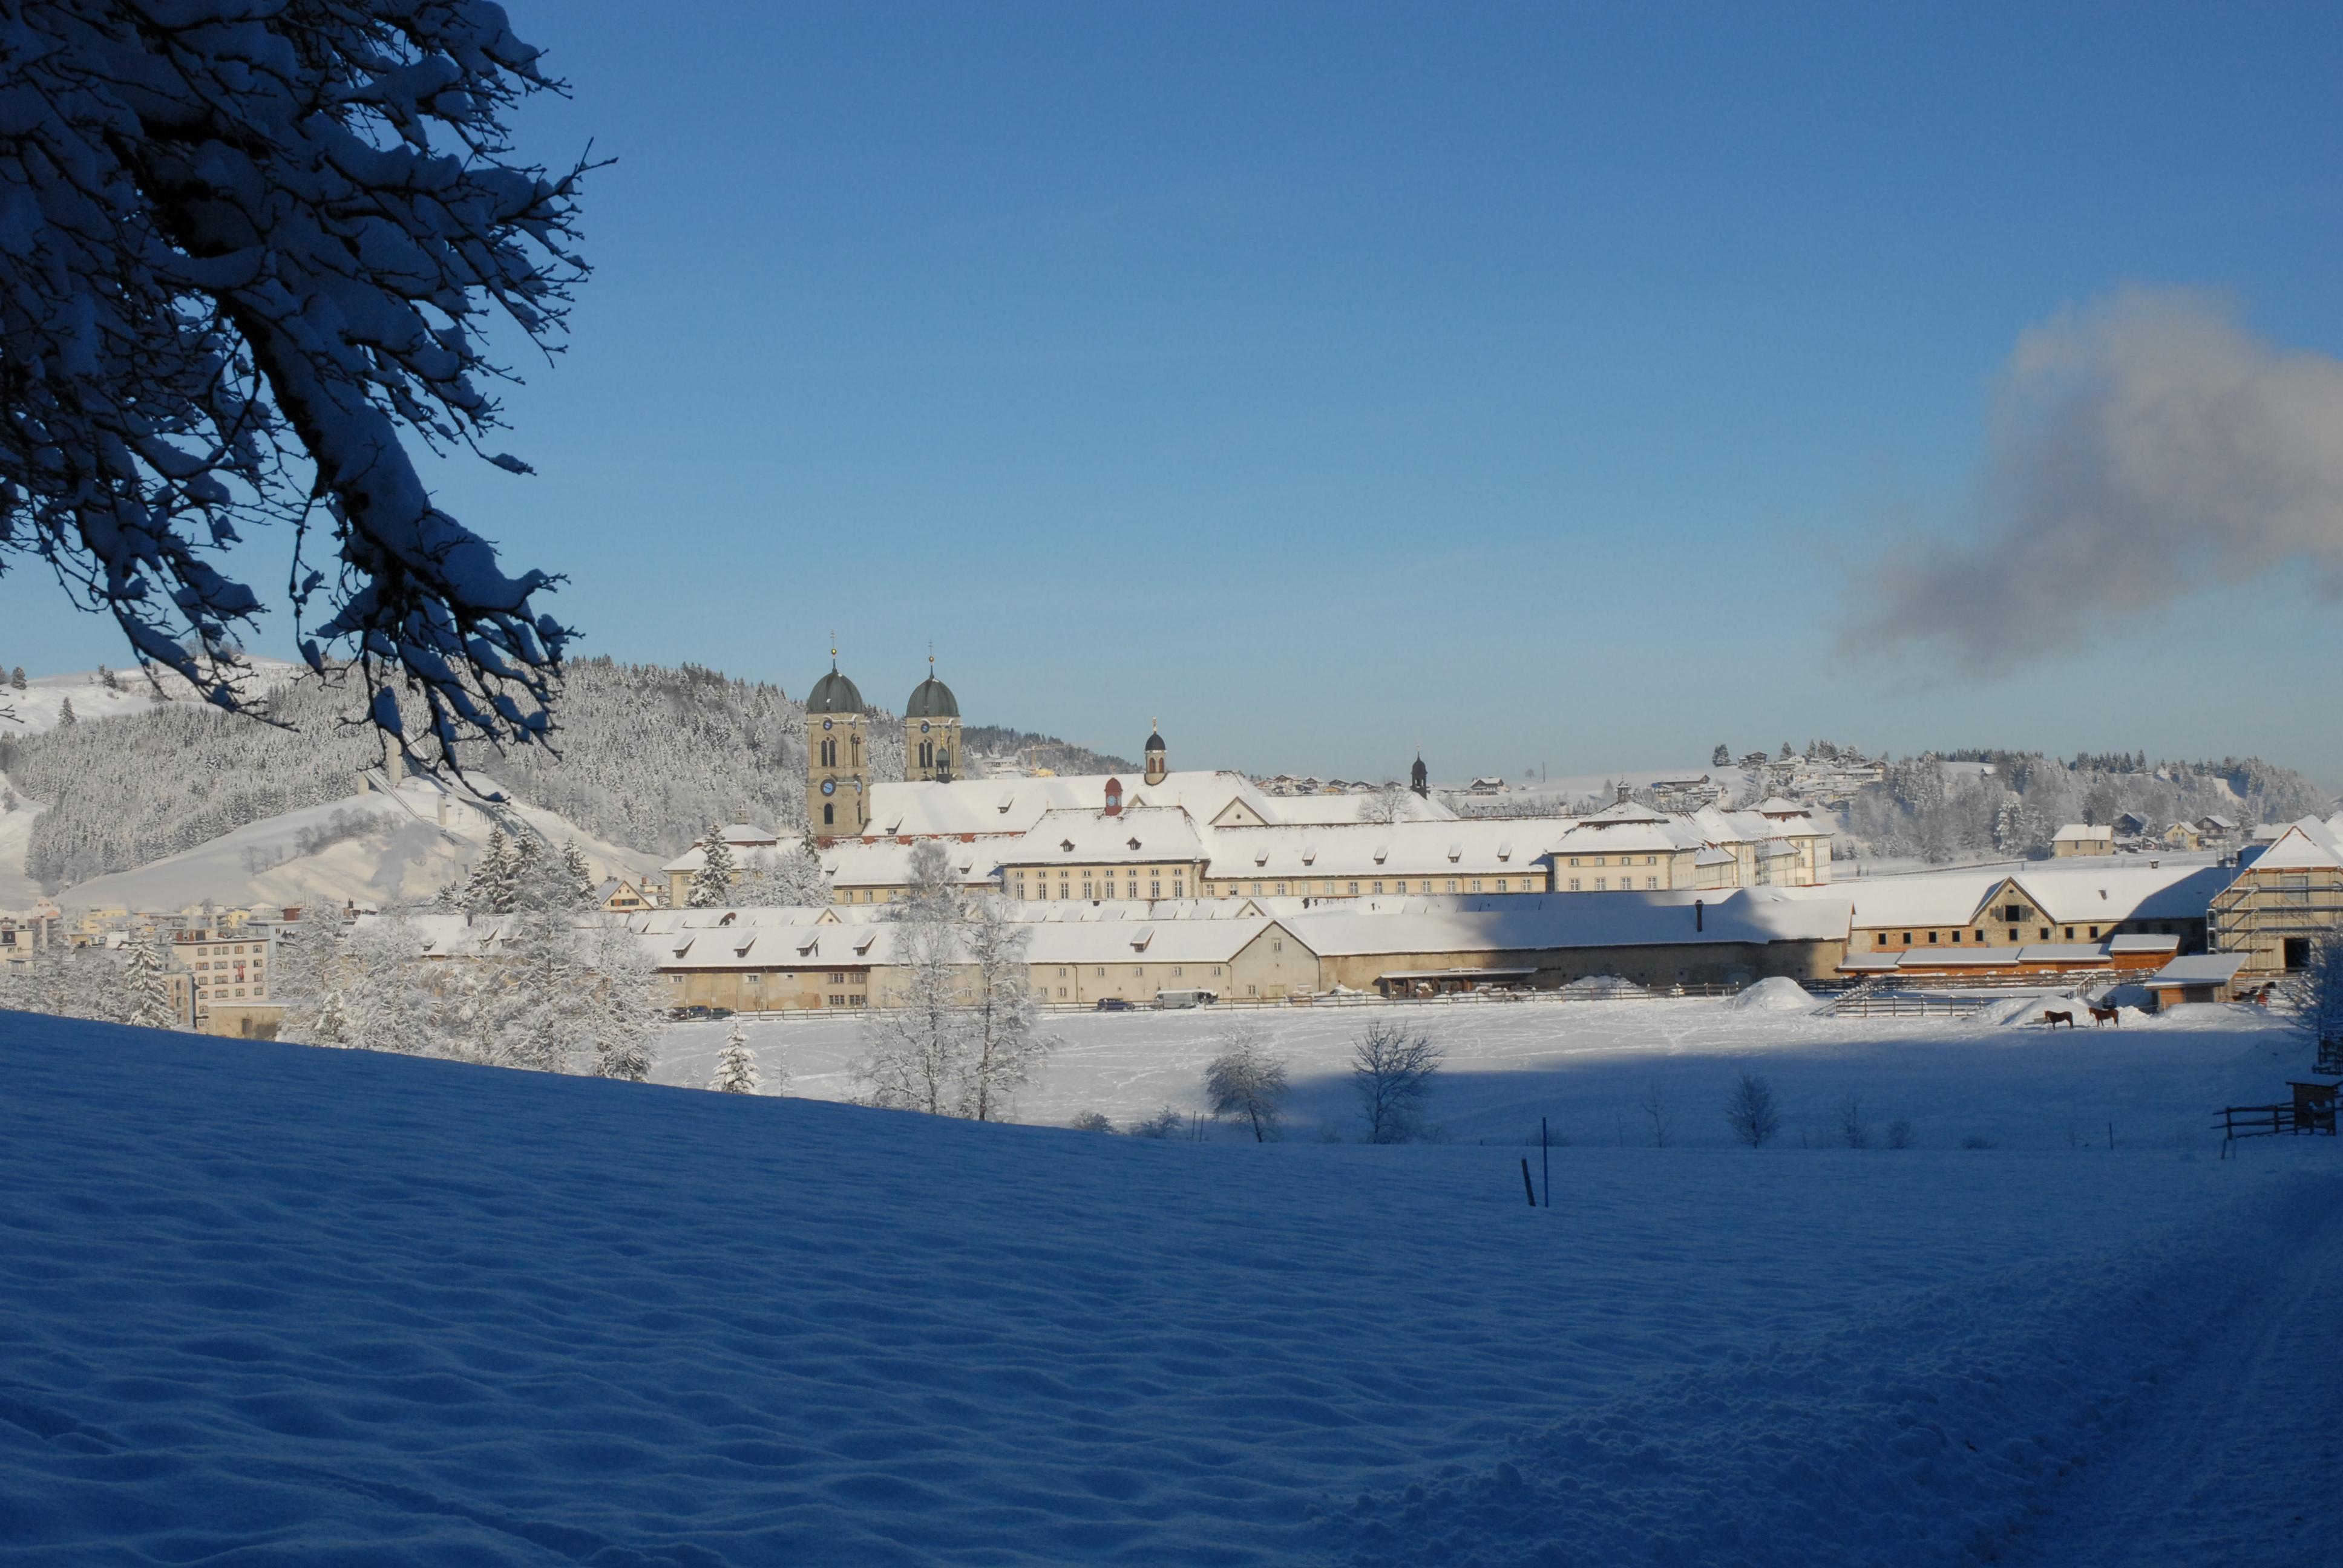 Dorfmarketing Einsiedeln Winter Kloster